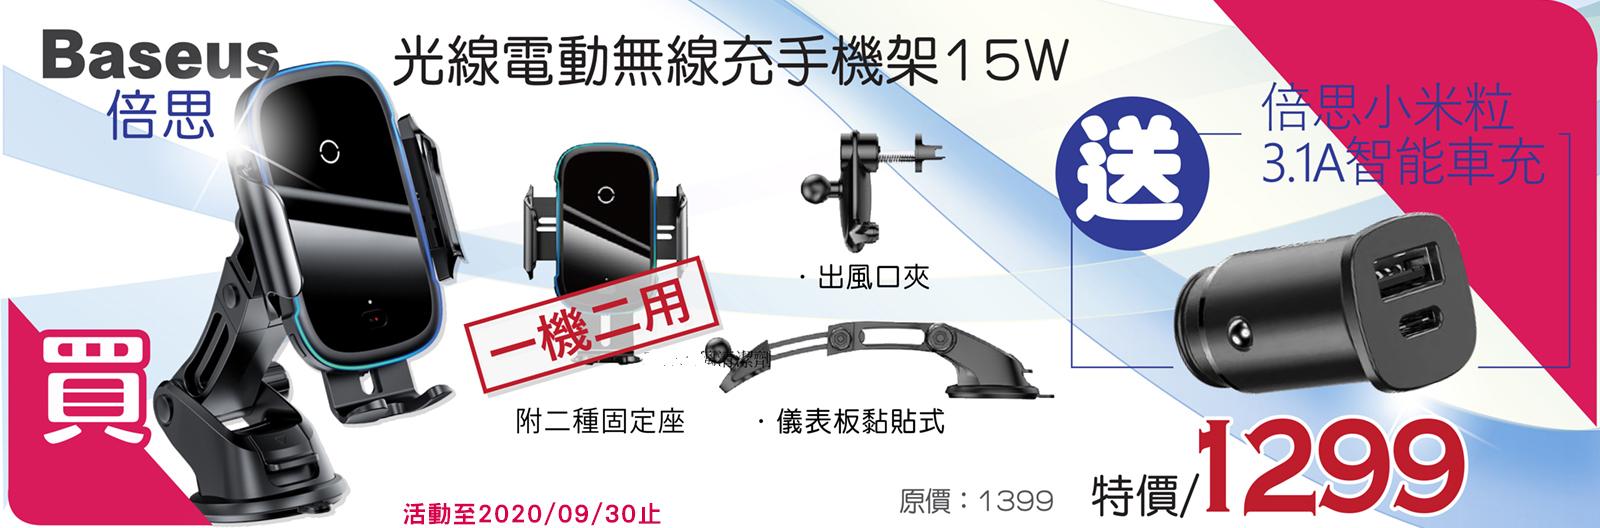 BASEUS倍思光線電動無線充手機架 送小米粒智能車充